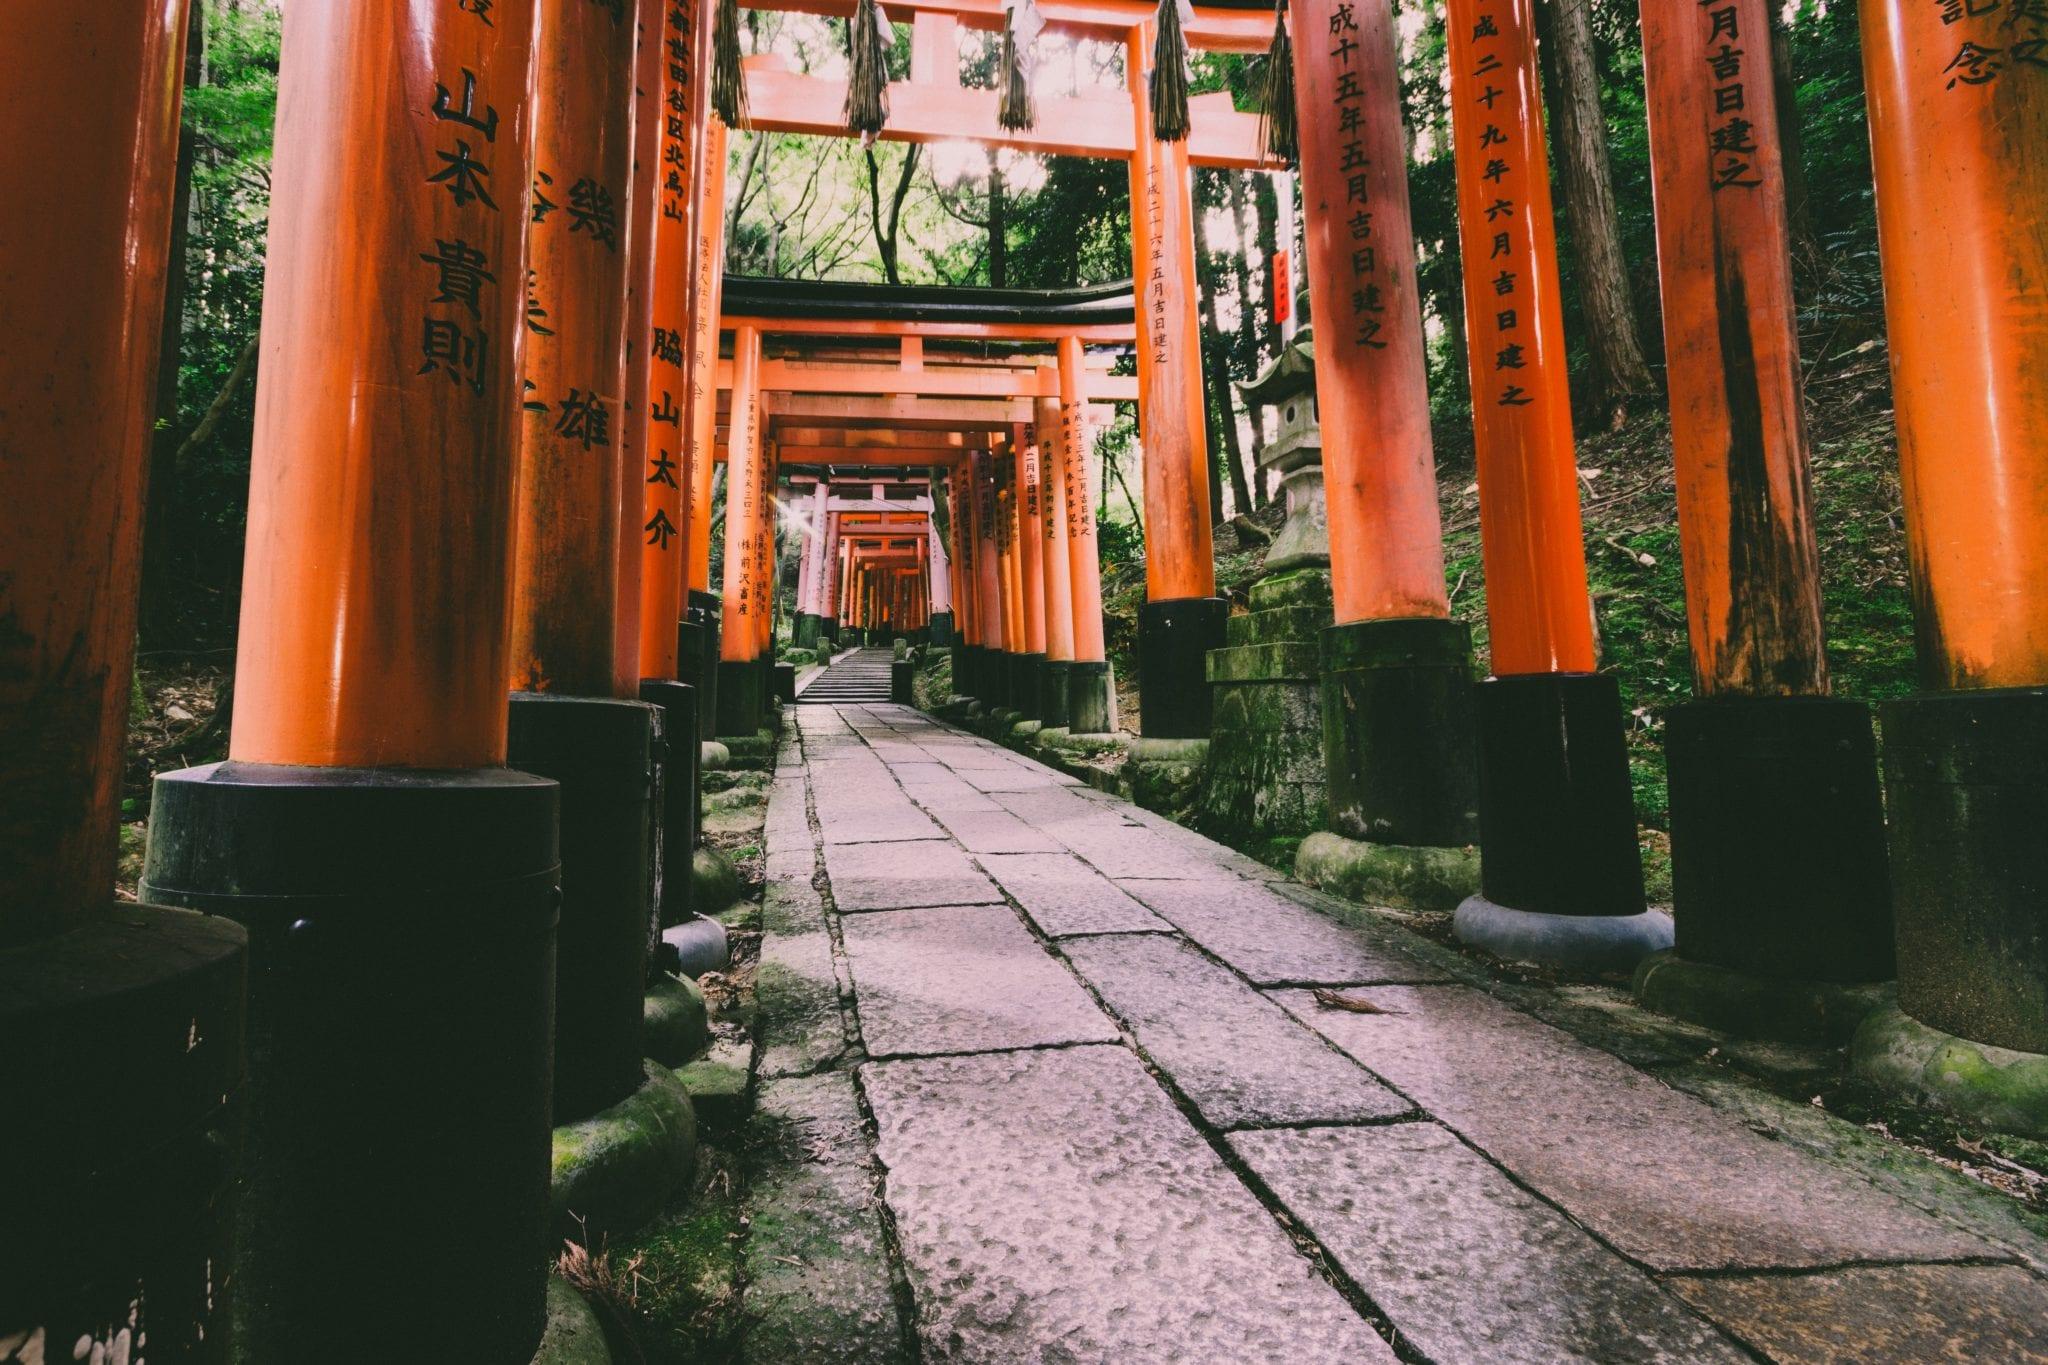 เที่ยวญี่ปุ่น ที่เที่ยวญี่ปุ่น คันไซ เที่ยวคันไซ